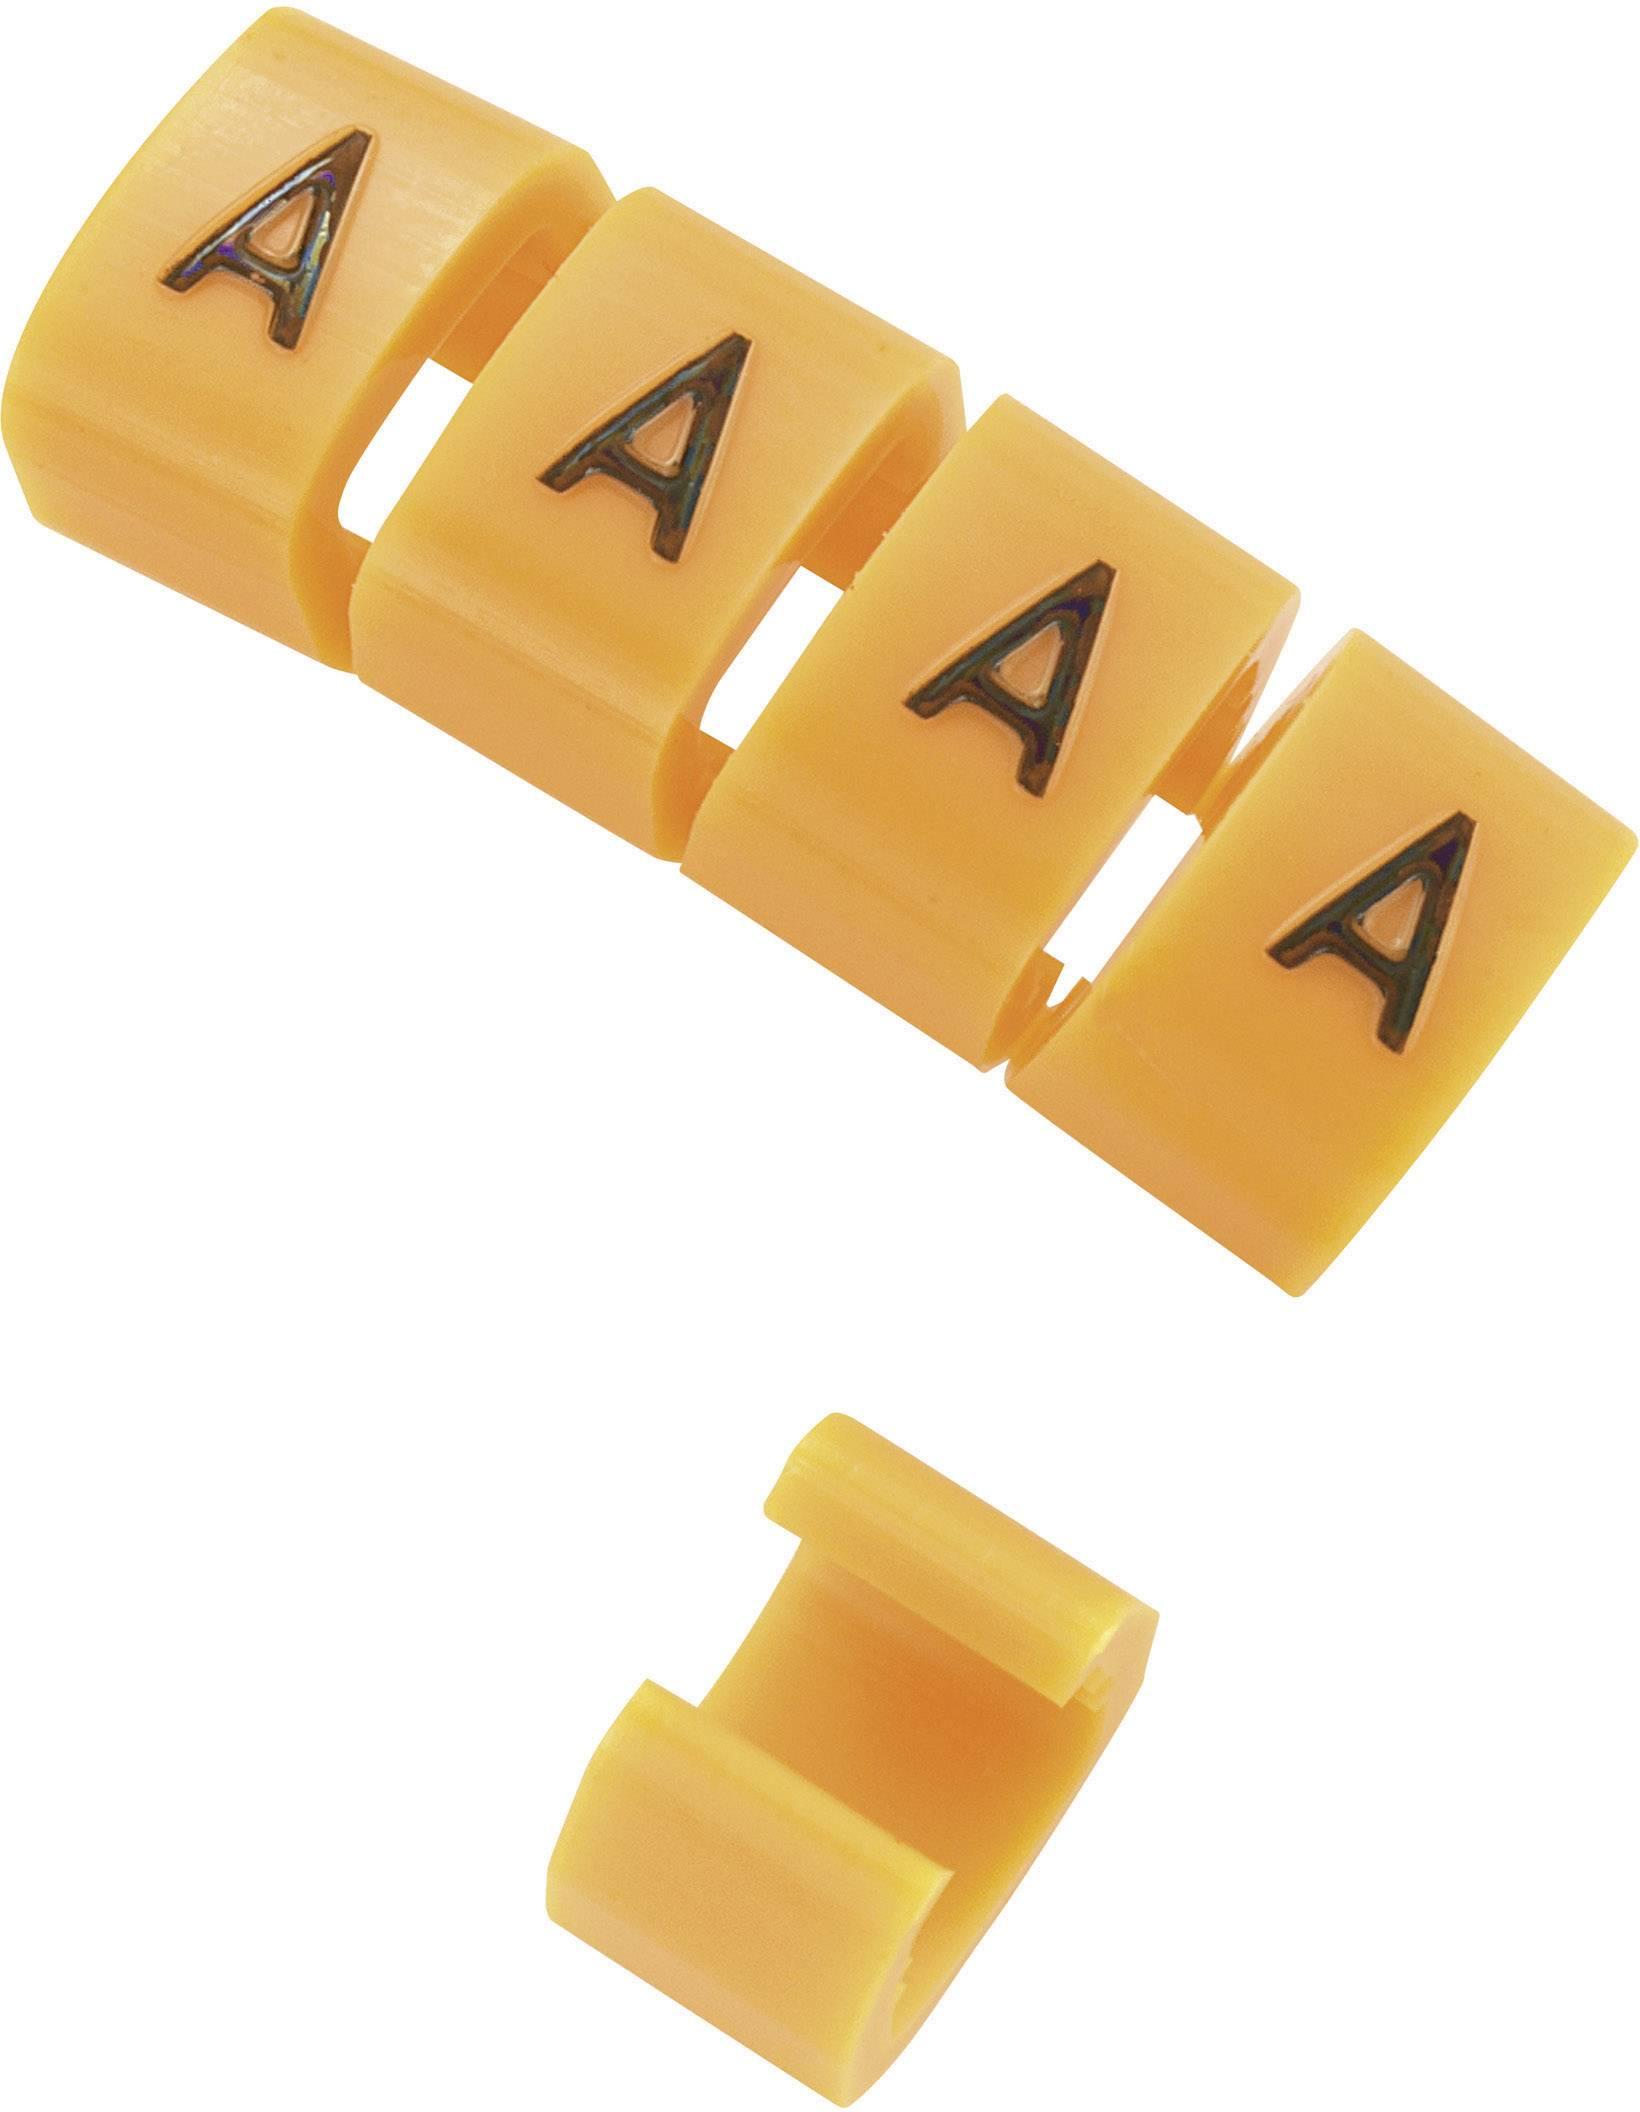 Označovacie objímka na káble KSS MB1/E, oranžová, 10 ks